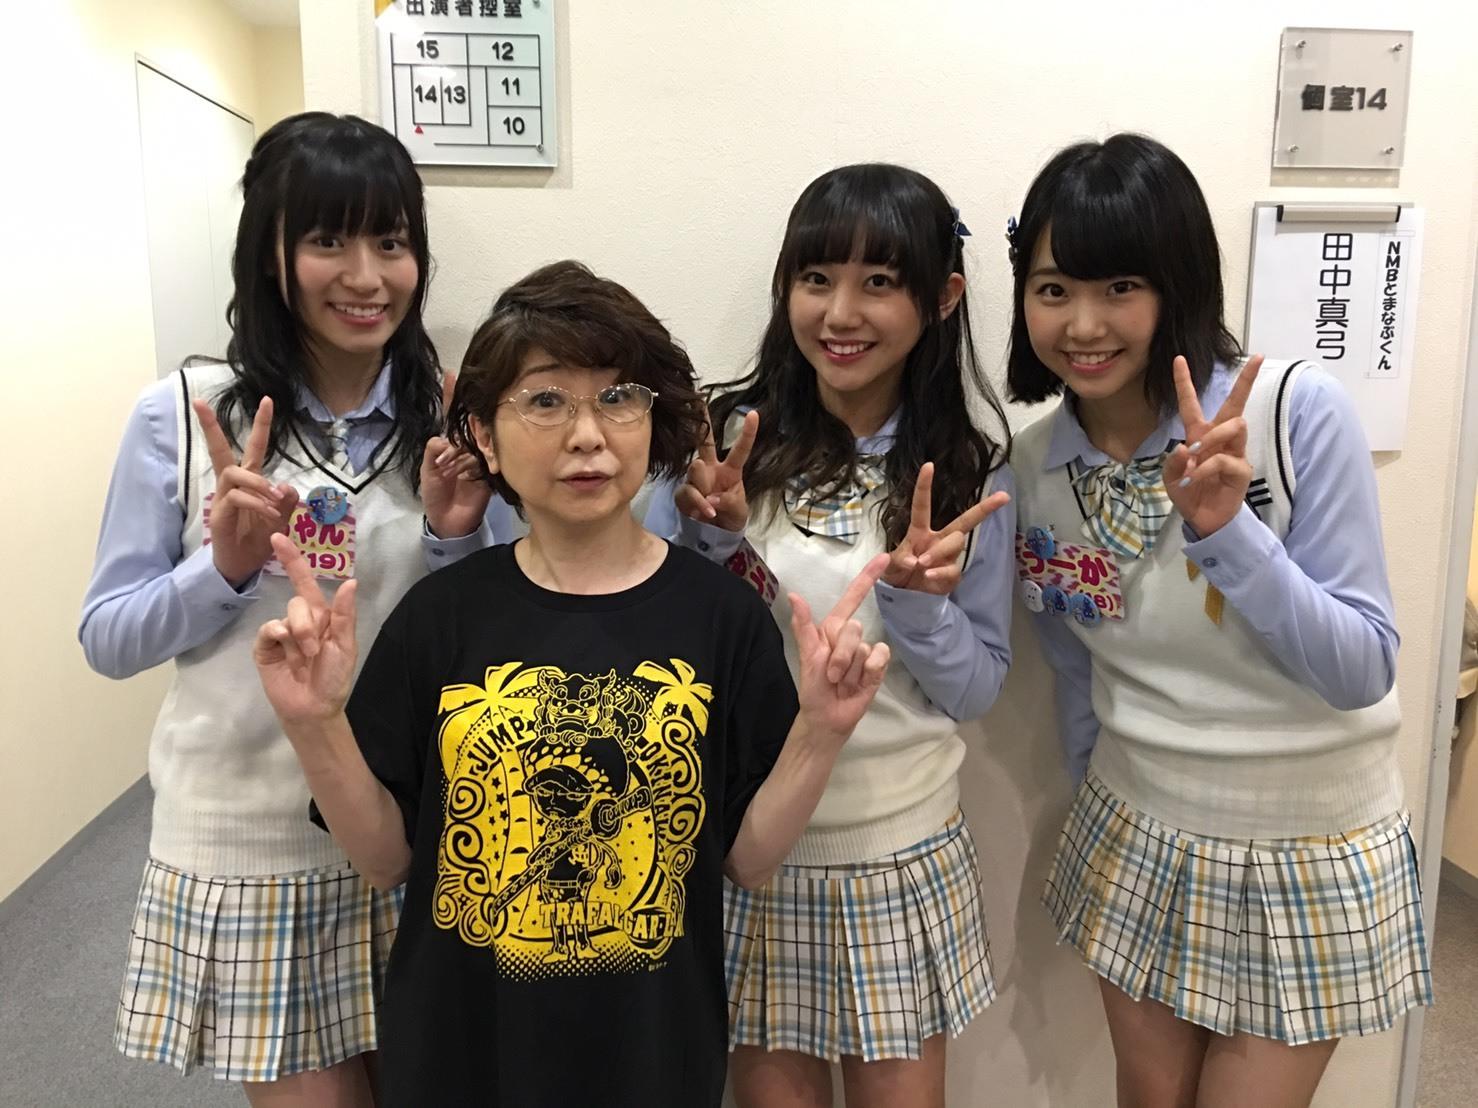 関西テレビ「NMBとまなぶくん」_a0163623_20450576.jpg